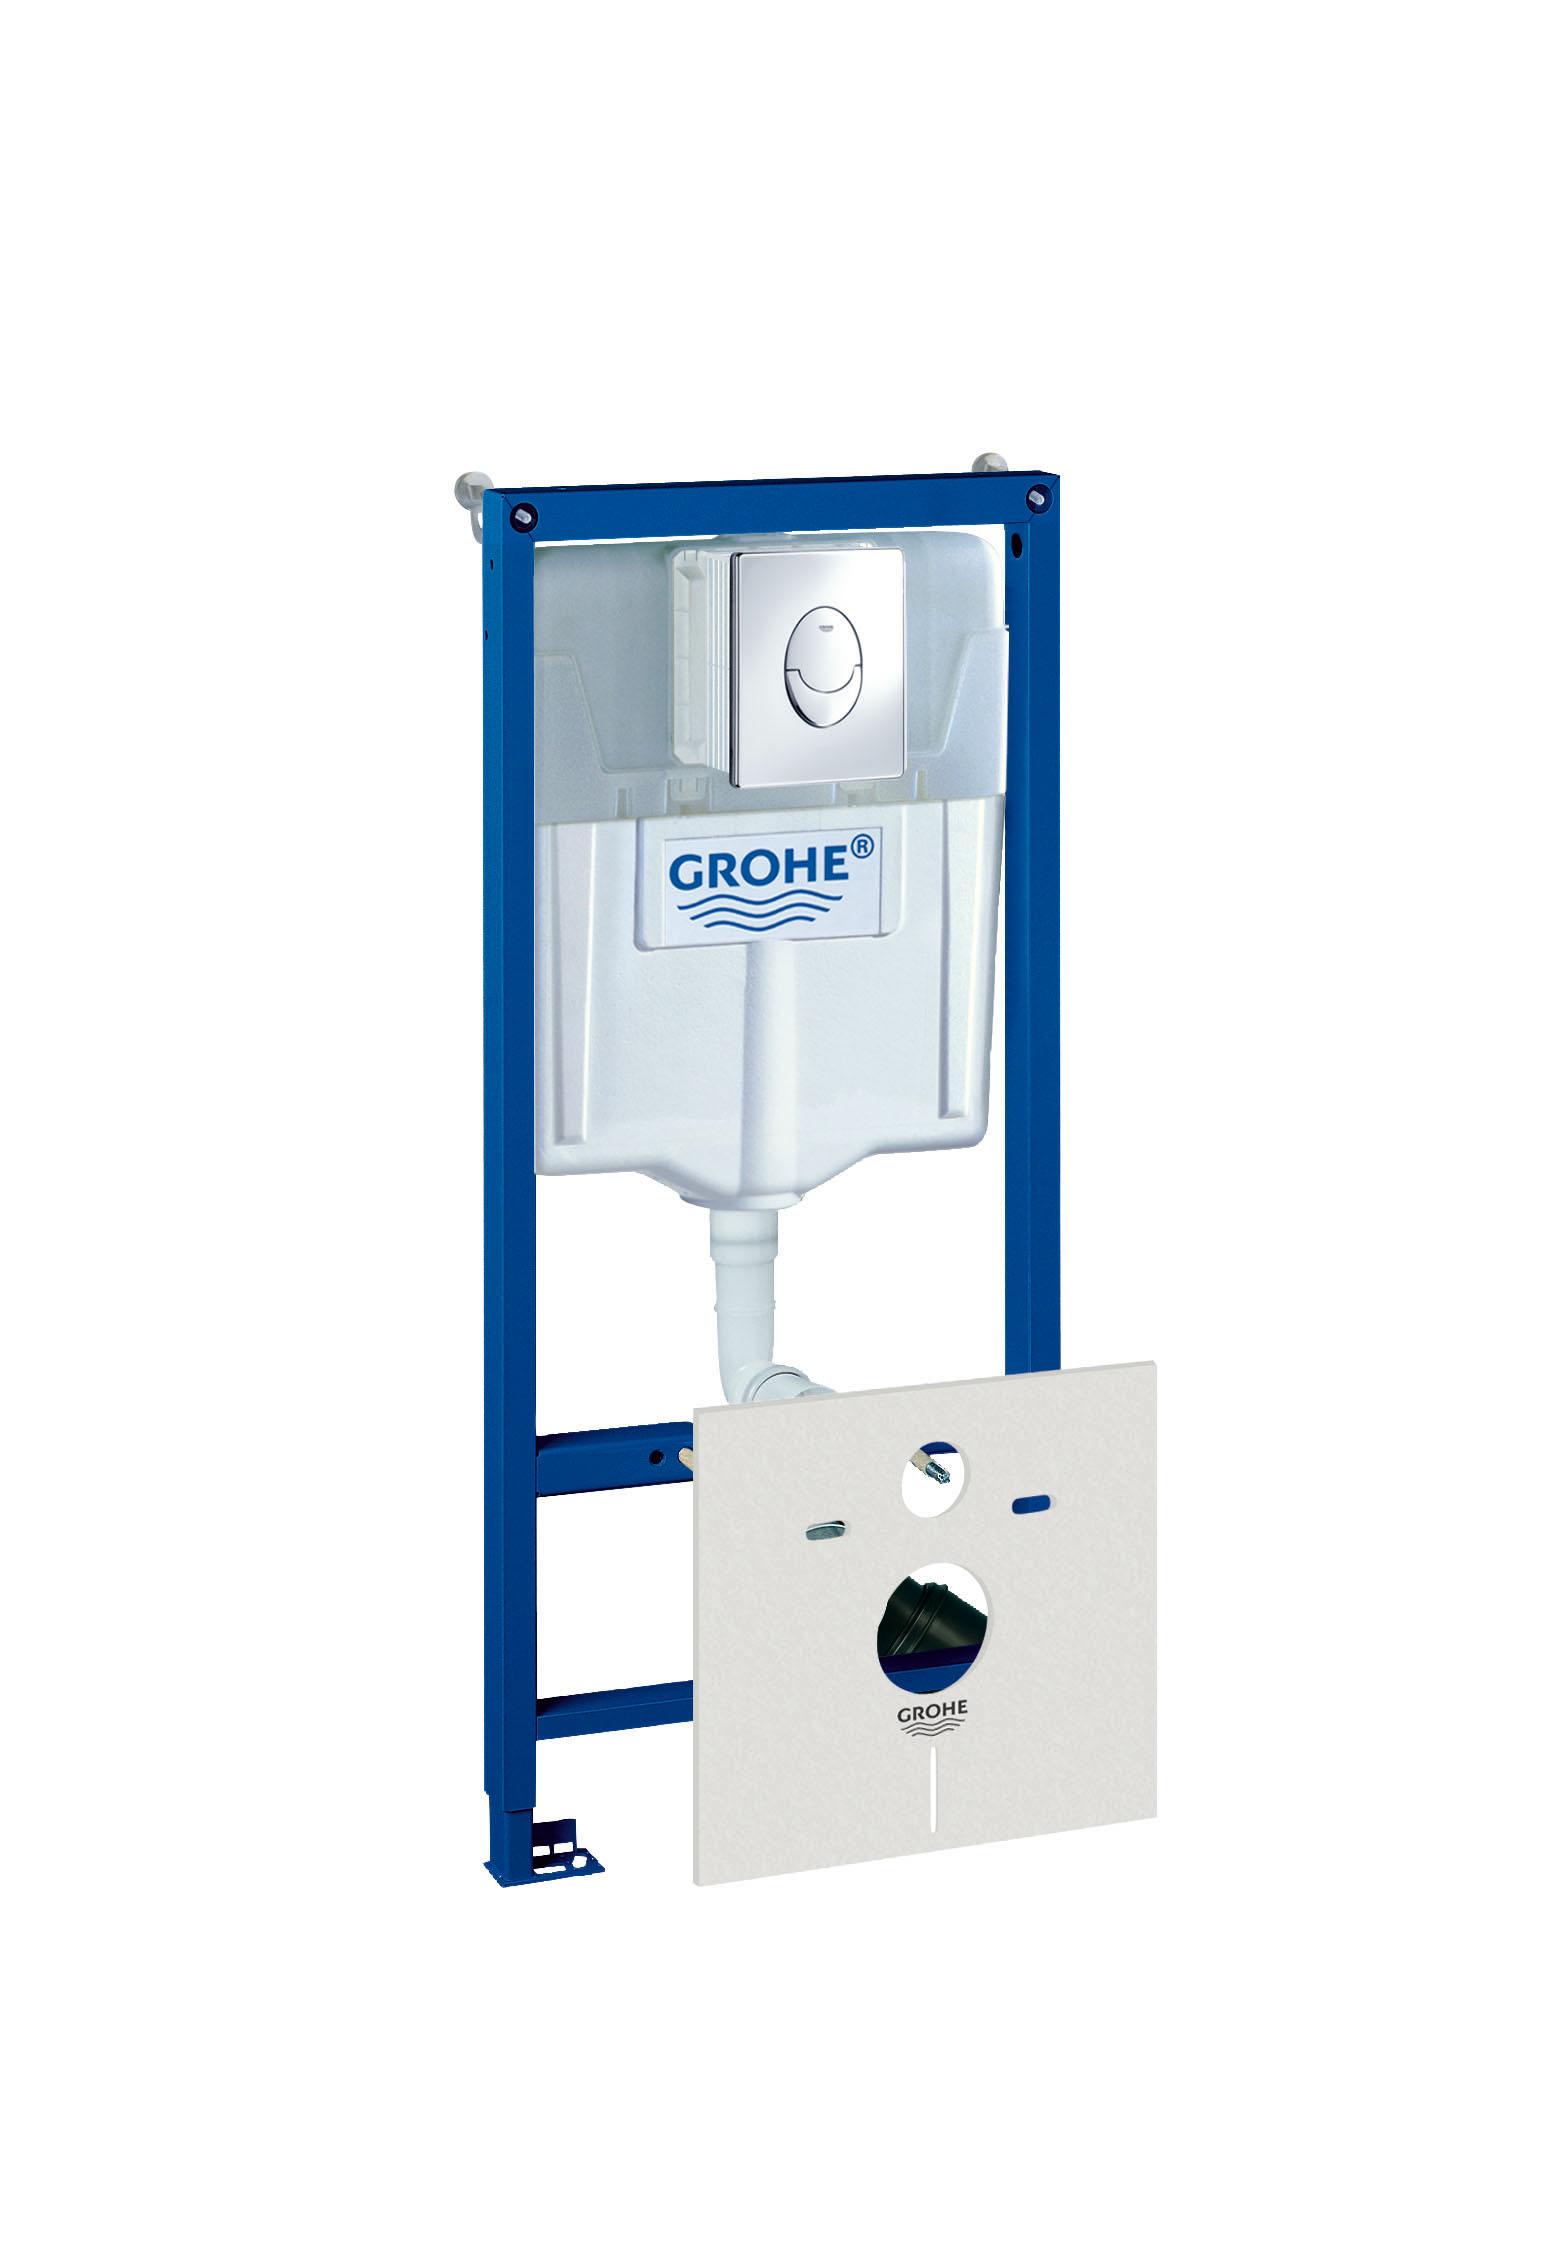 Инсталляция для унитаза Grohe Rapid sl 4 в 1 38750001  инсталляция 4в1 grohe rapid sl 38750001 для подвесного унитаза